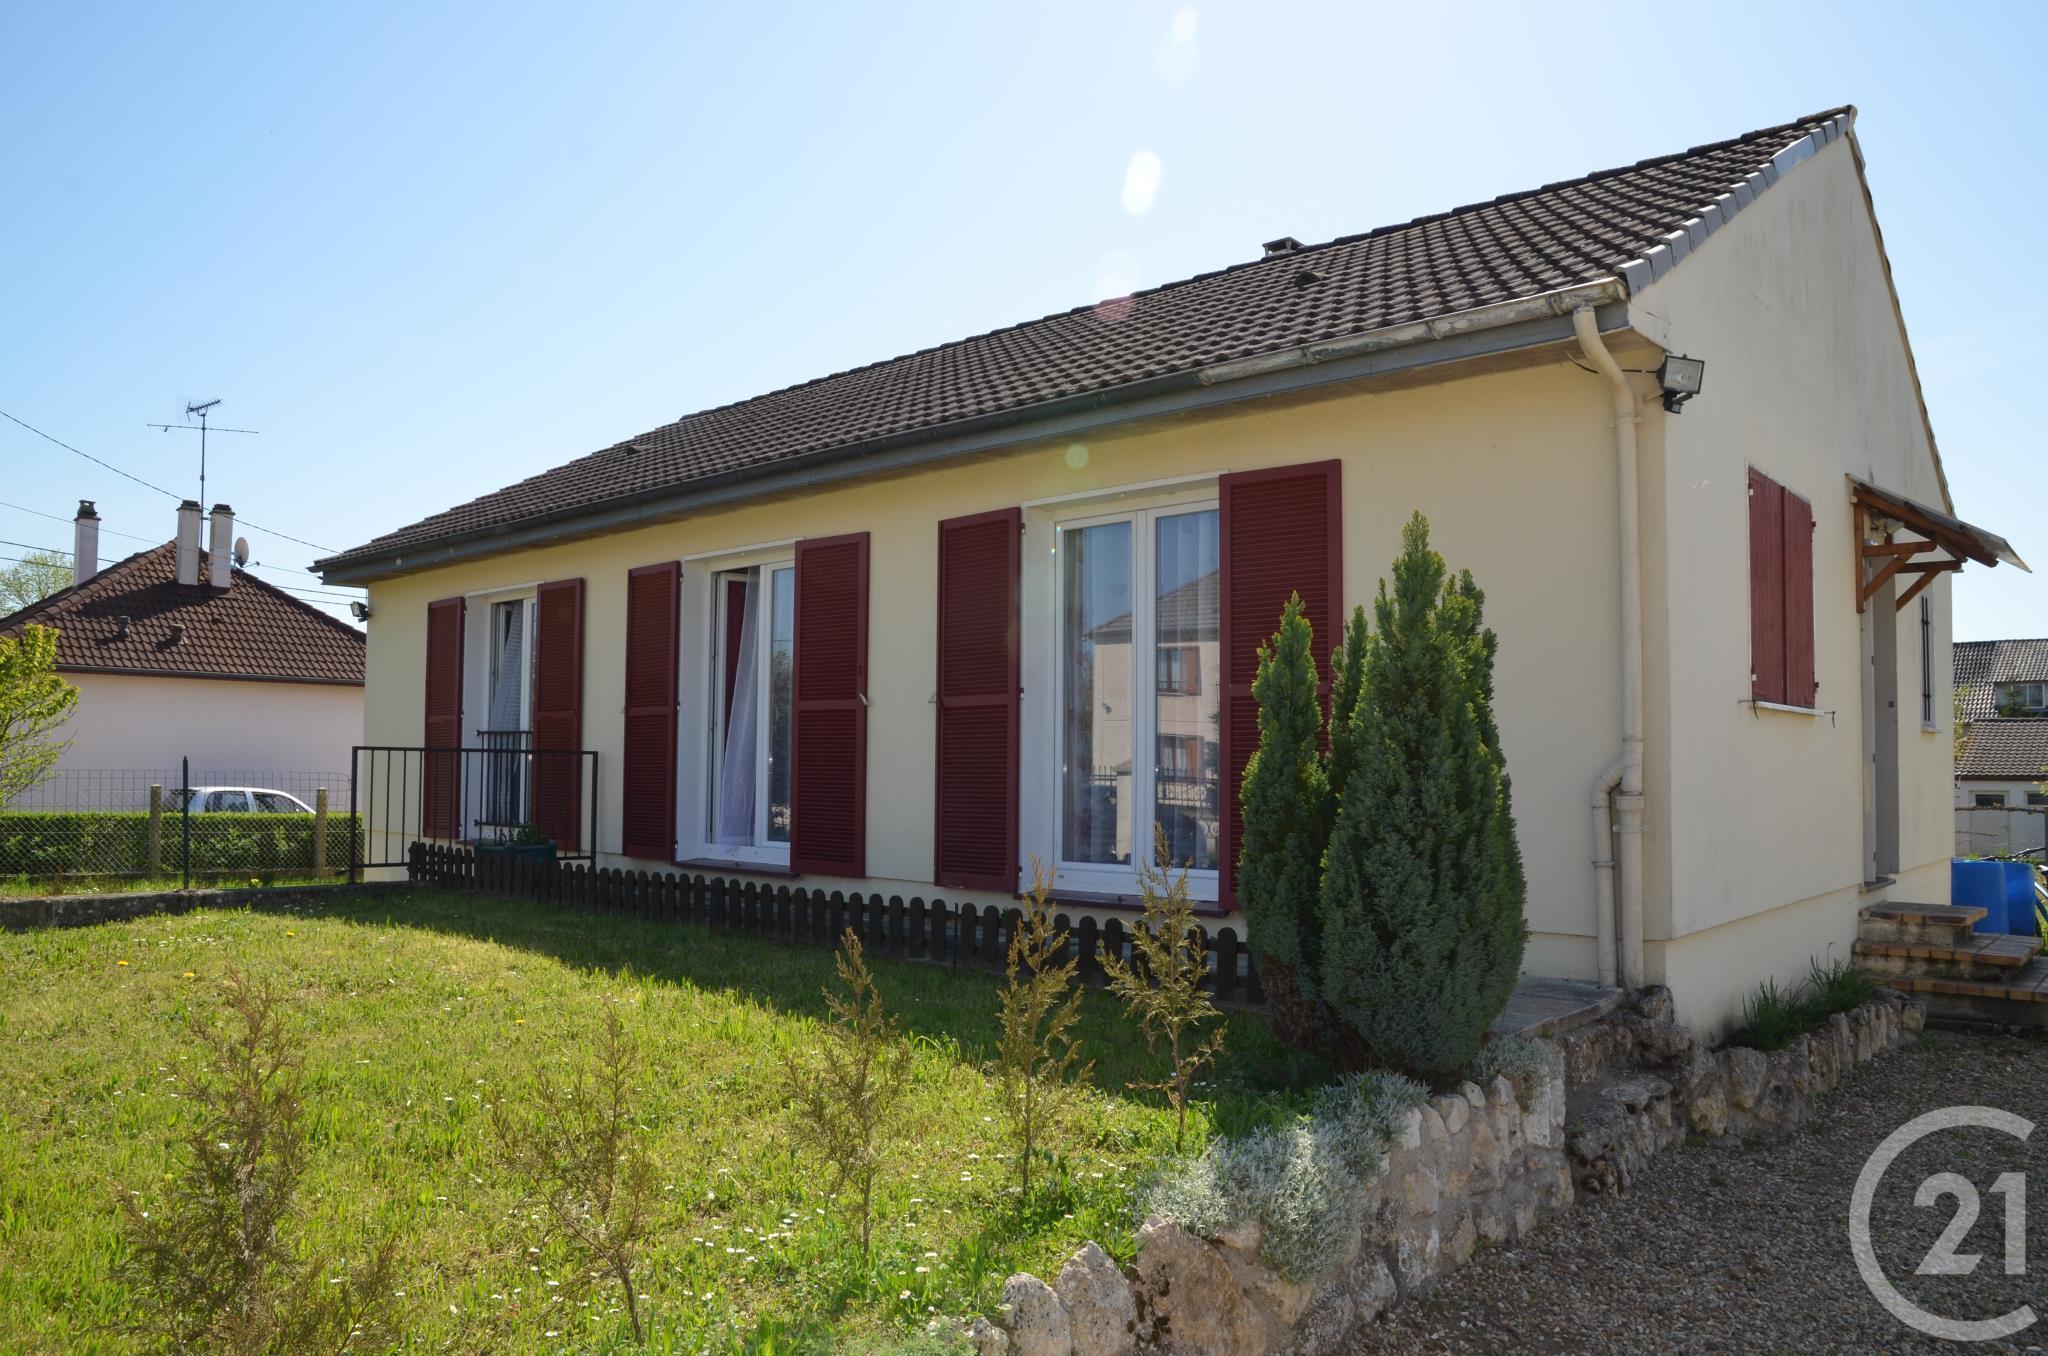 Maison à vendre - 5 pièces - 89 m2 - NEMOURS - 77 - ILE-DE-FRANCE